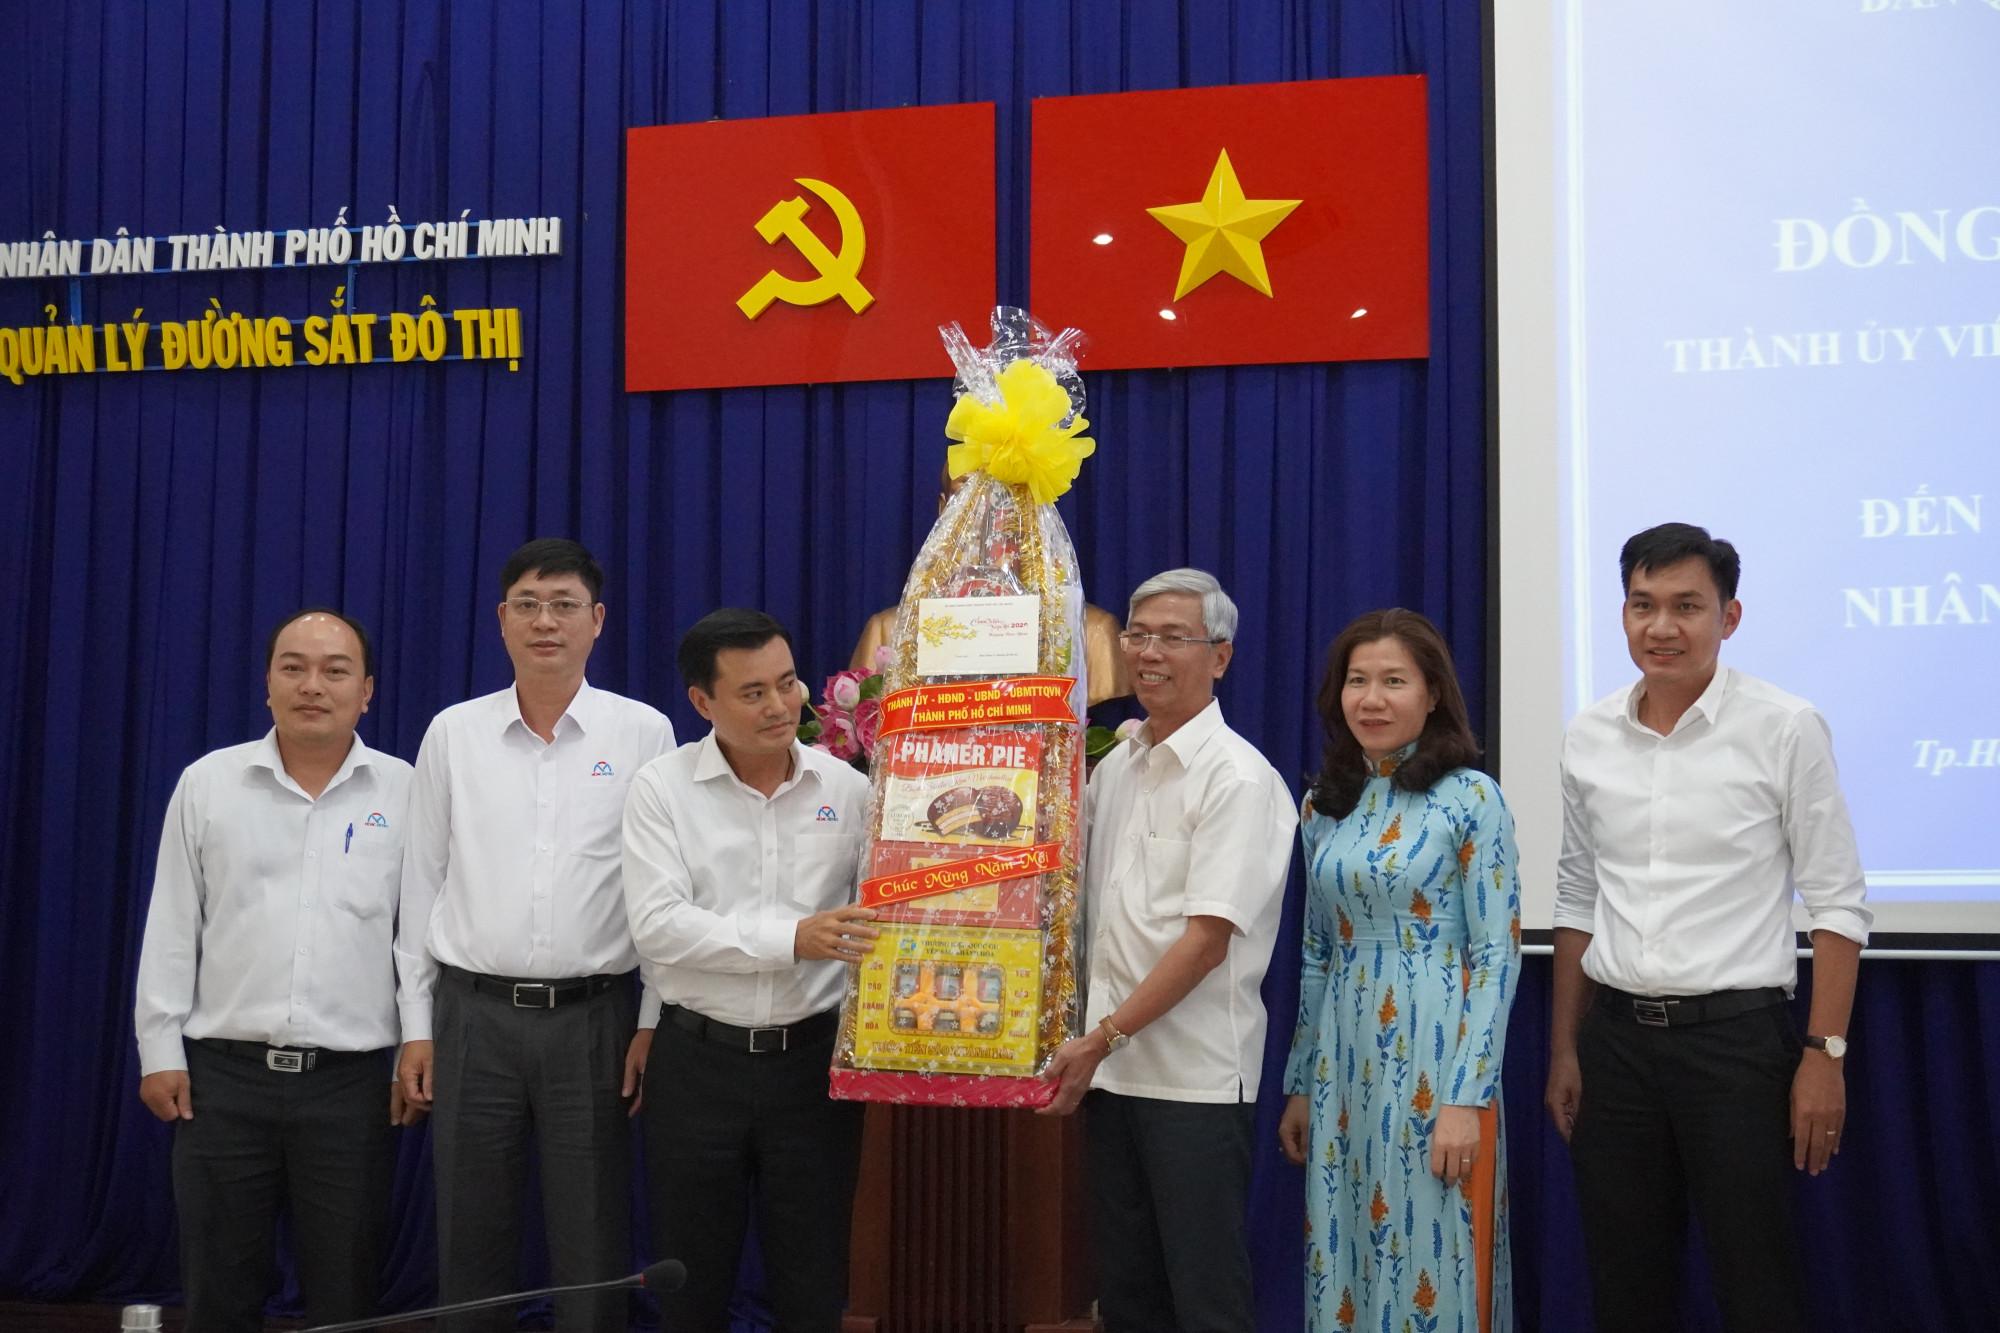 Trước đó, cũng trong chiều 13/1, Phó chủ tịch UBND TPHCM Võ Văn Hoan đã làm việc tại Ban Quản lý Đường sắt đô thị TPHCM